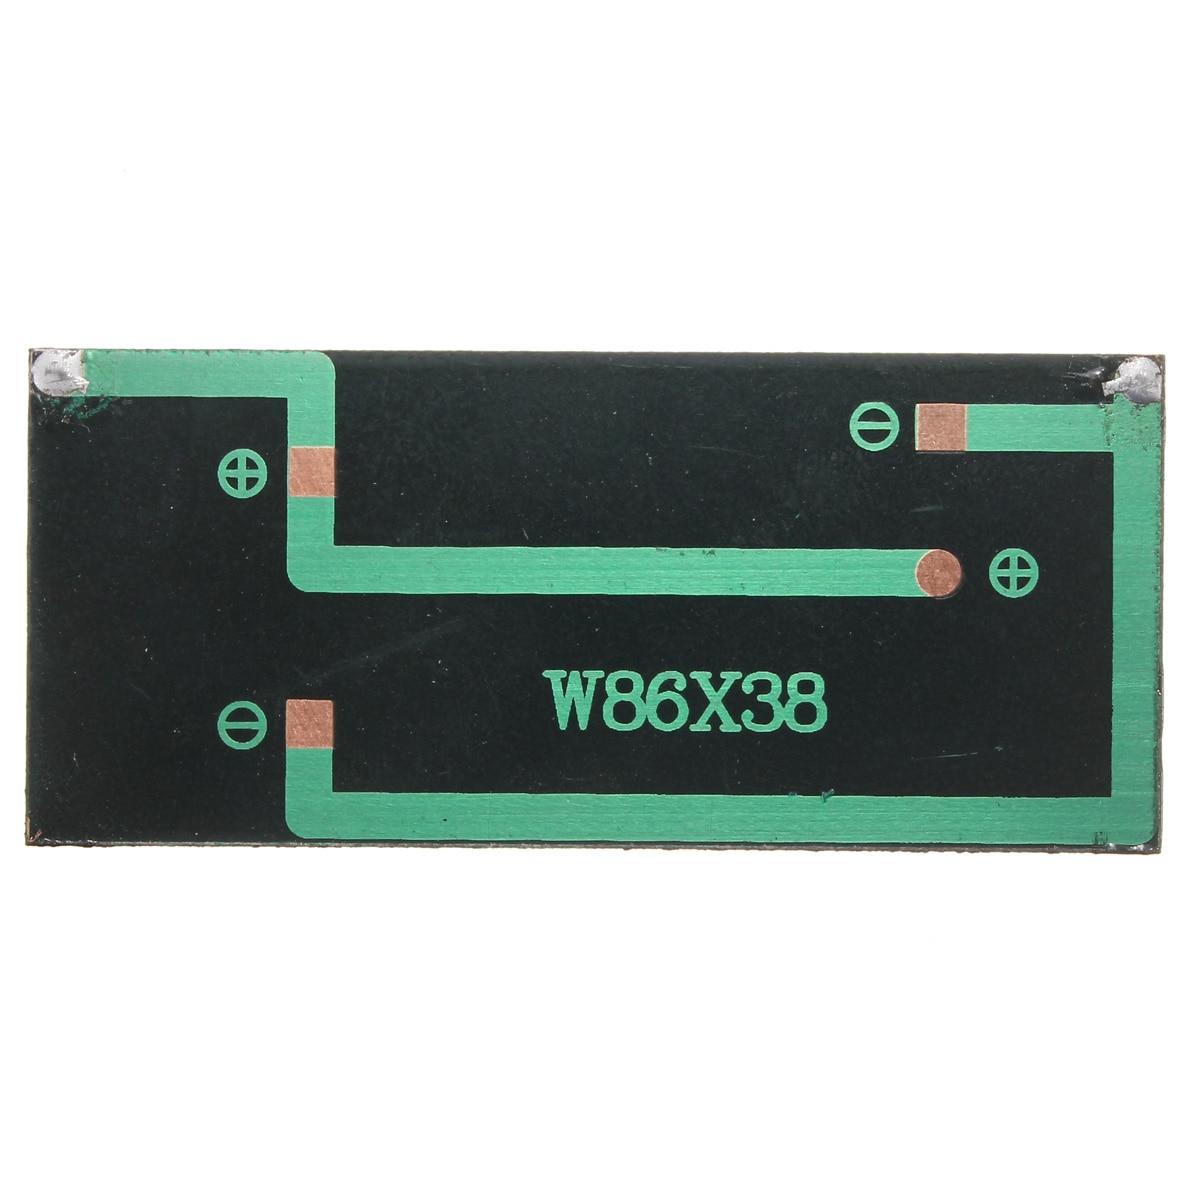 Panneau solaire bricolage 5 V 0.5 W 100 mAh silicium polycristallin époxy Mini Batterie Modèles